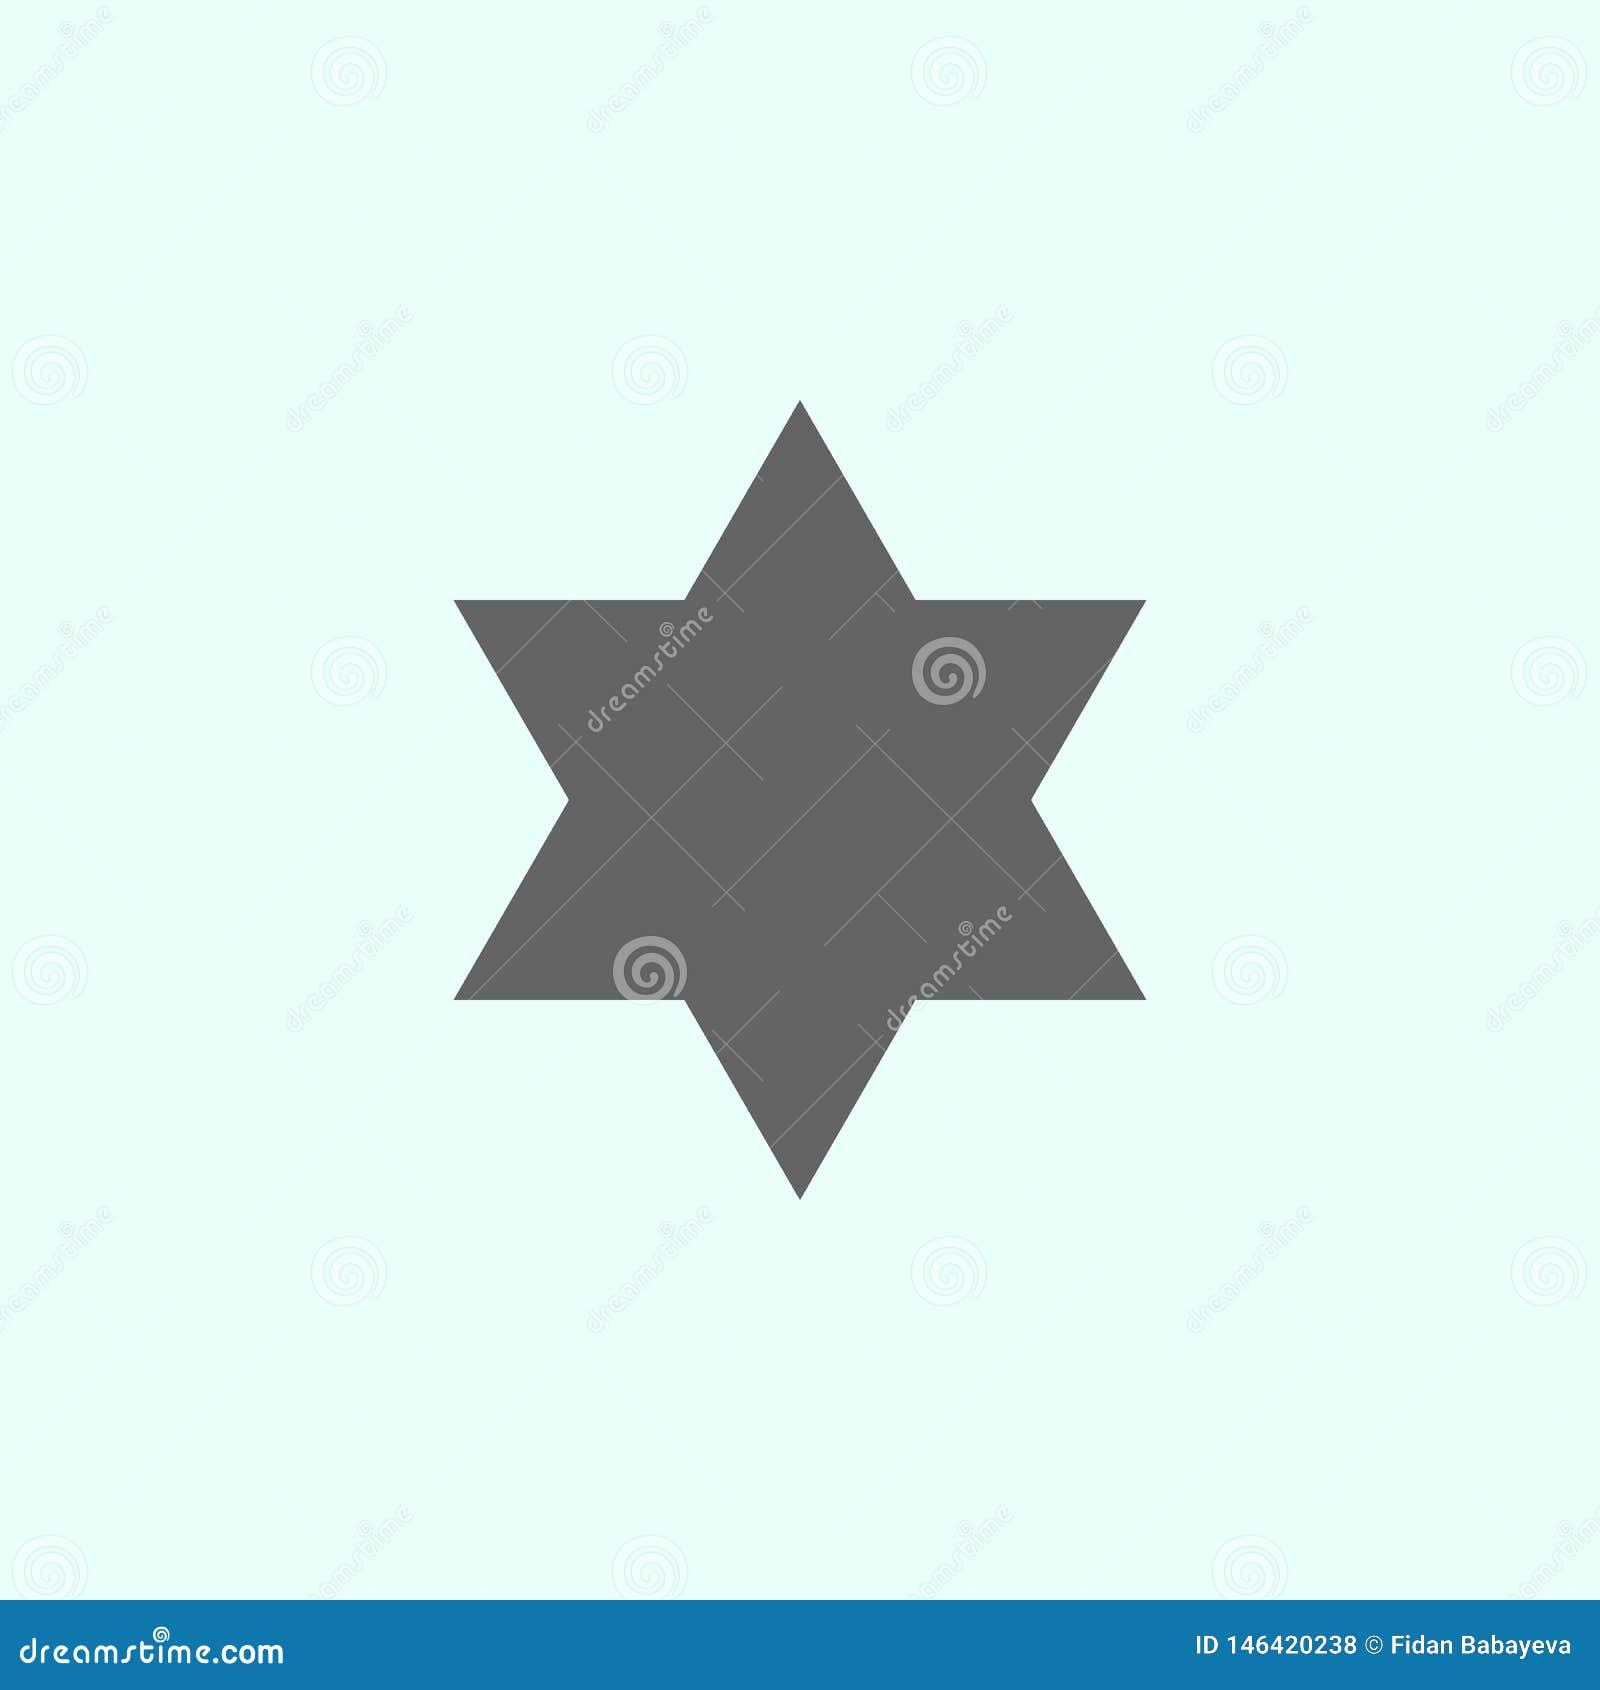 Geometric Figures, Hexagram Icon. Elements Of Geometric